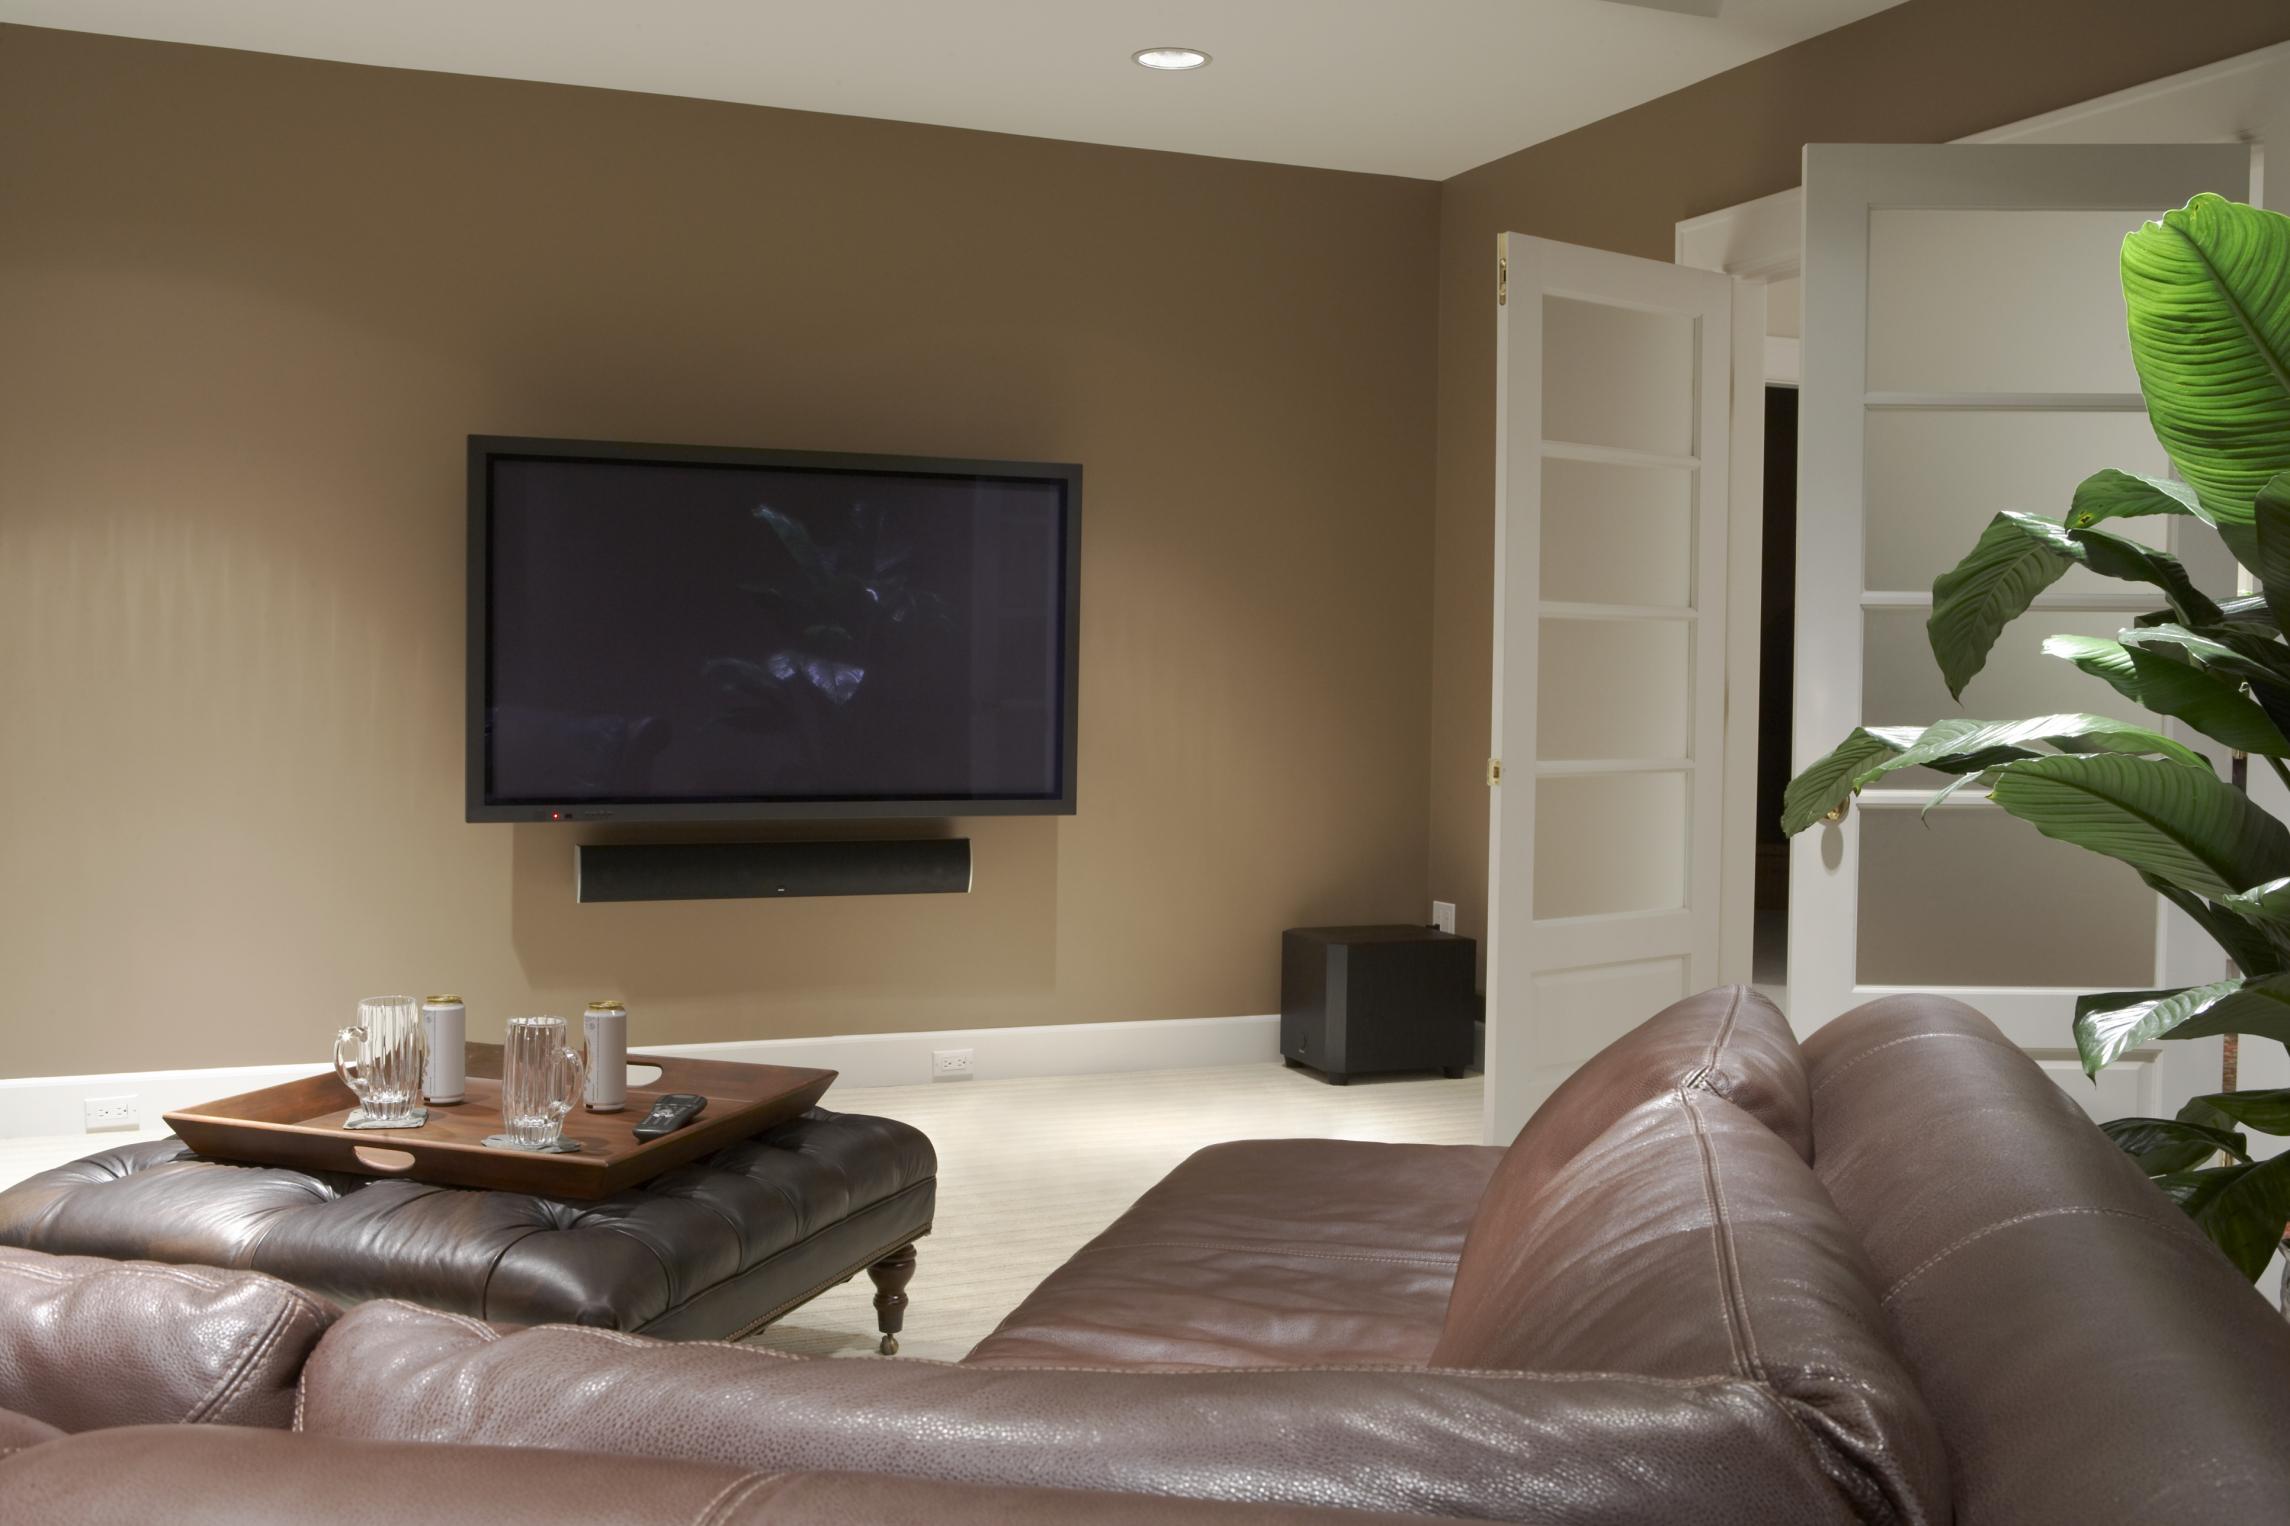 Como colgar tv en pared televisor en pared bloque hueco - Tv en la pared ...